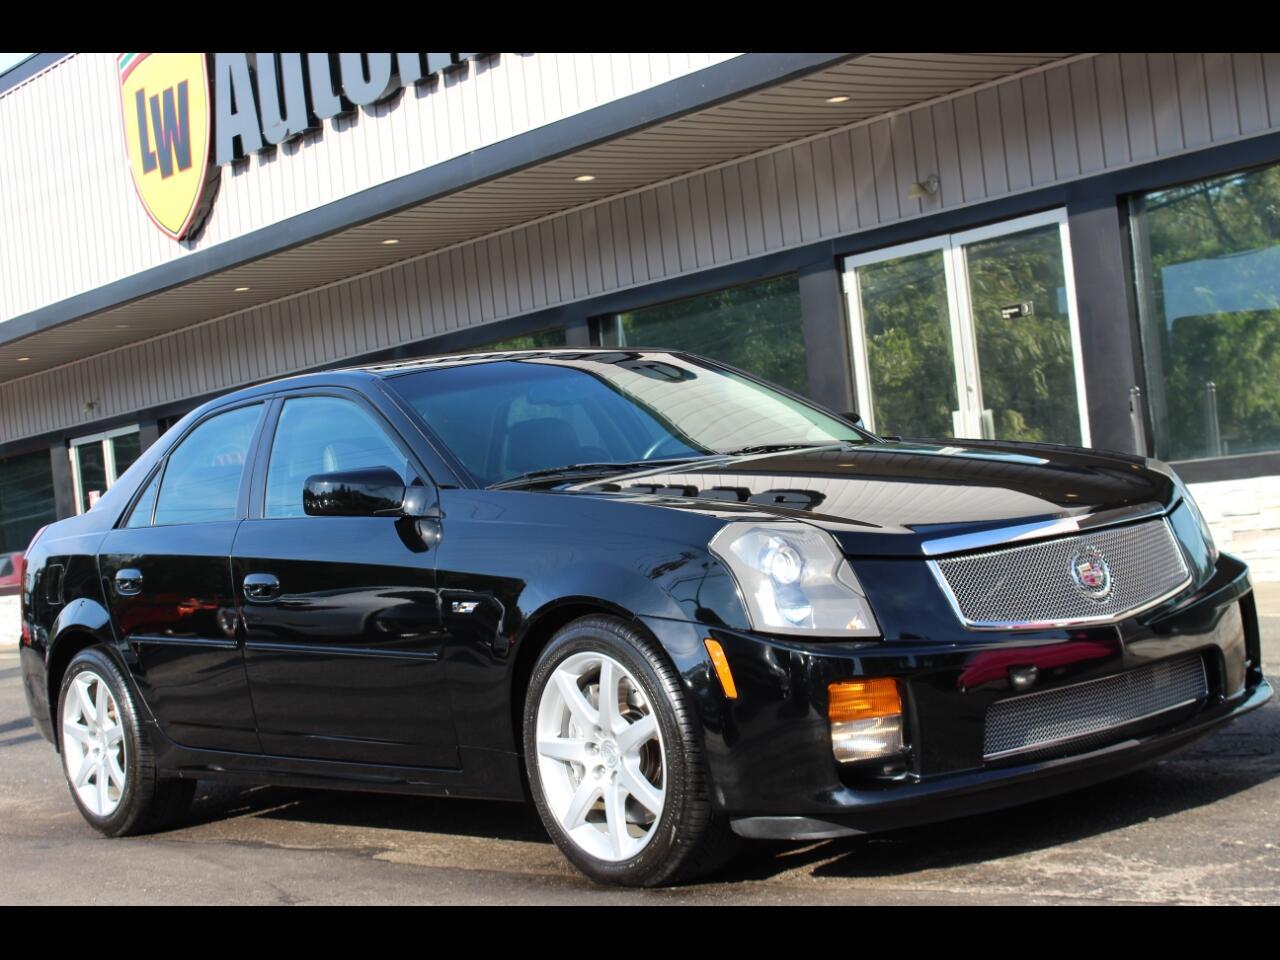 Cadillac CTS-V 4dr Sdn 2005